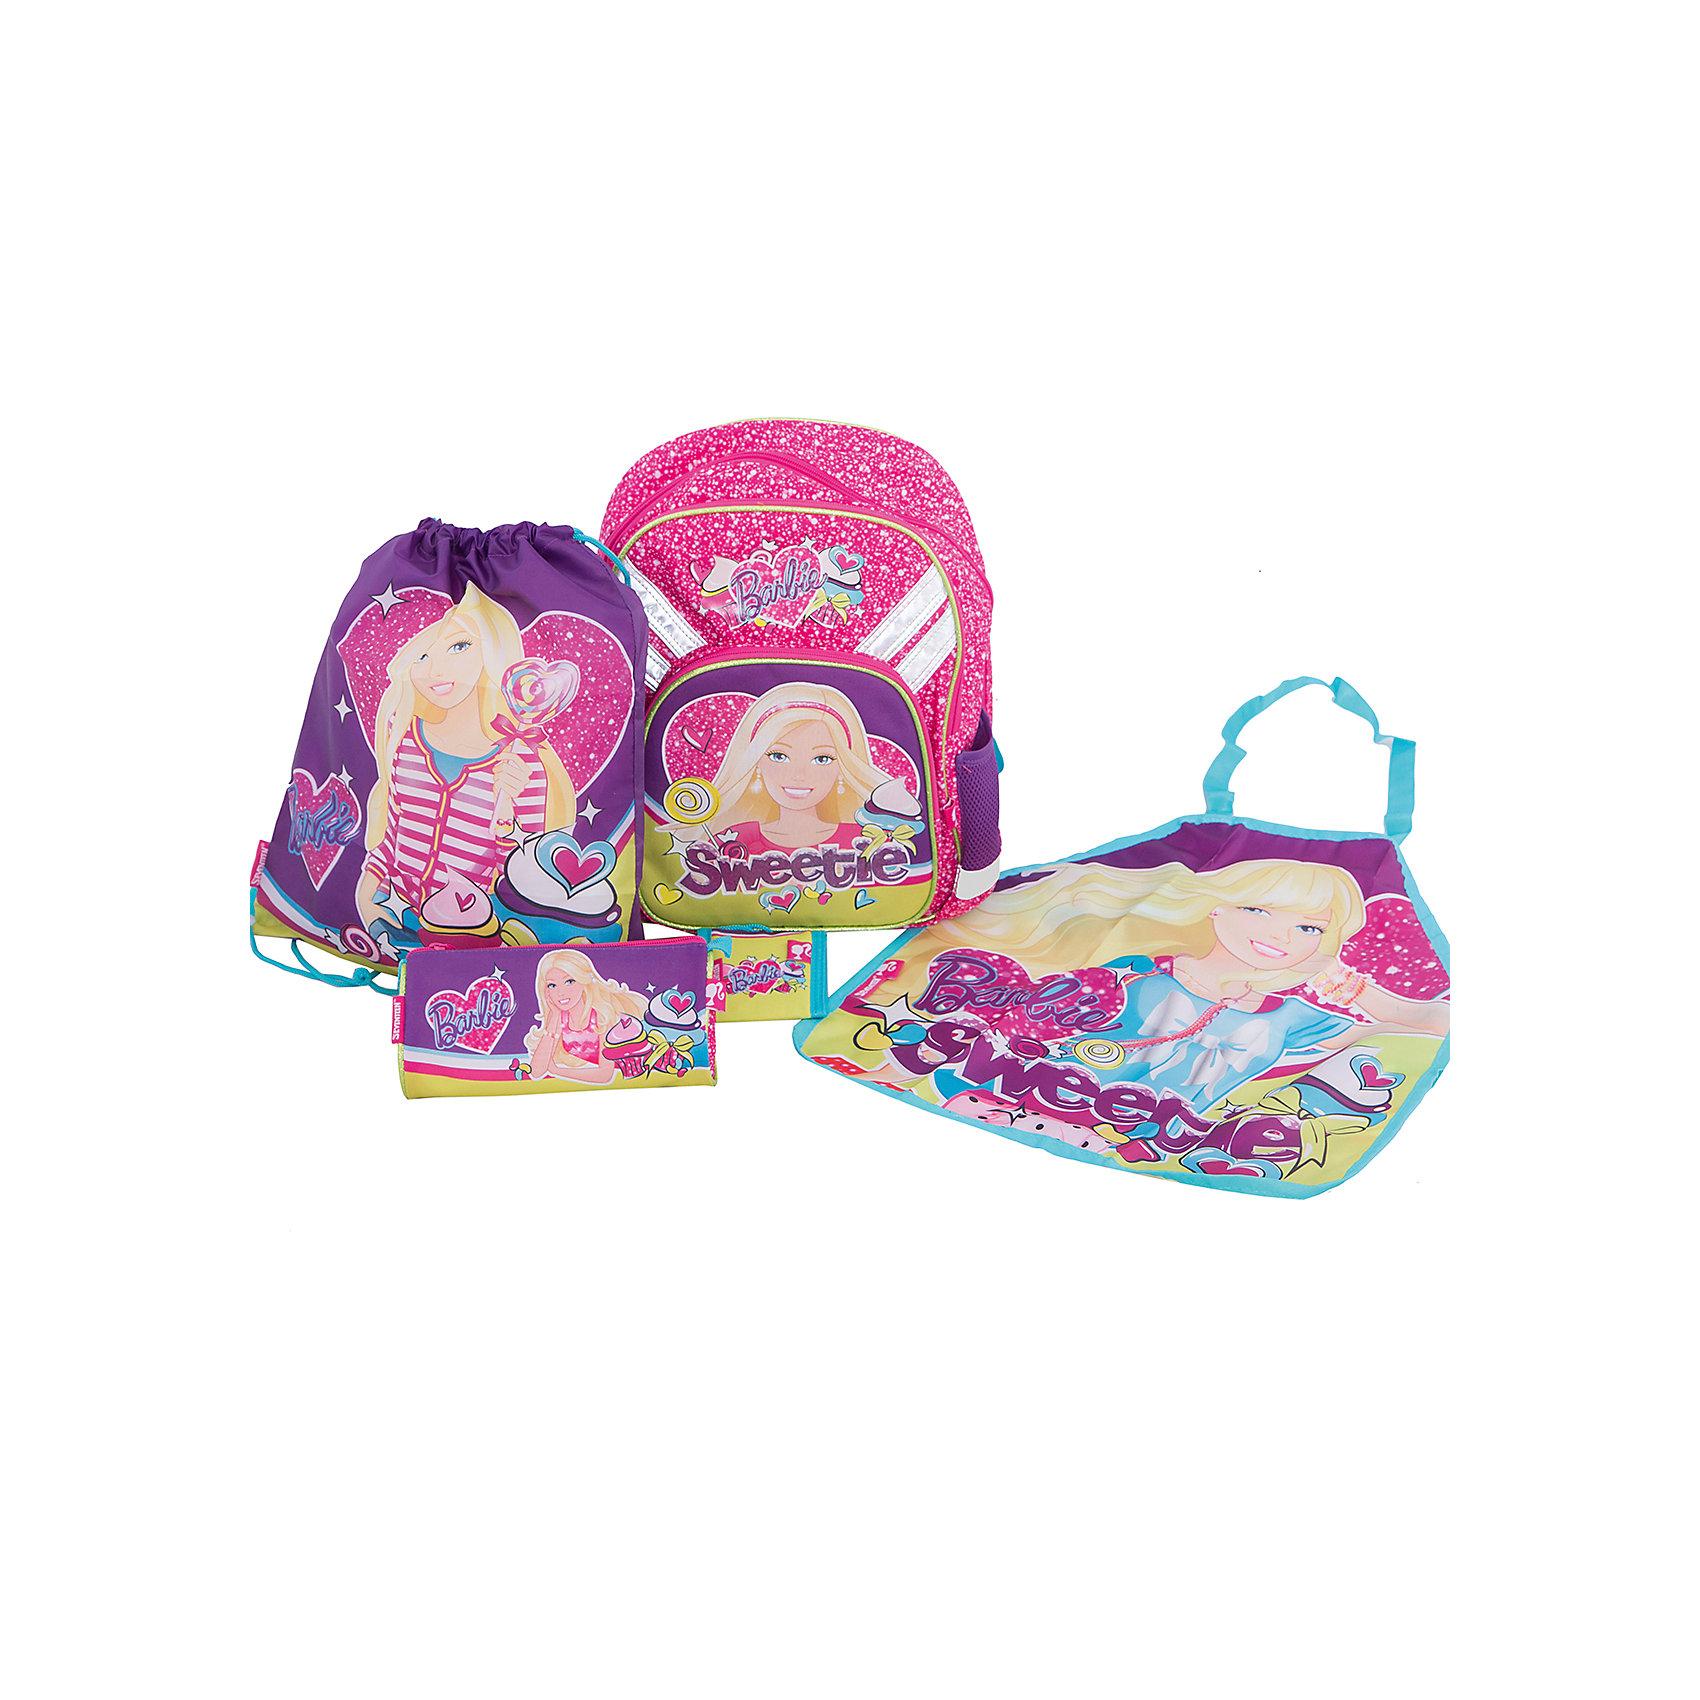 Академия групп Школьный набор Barbie (Эргономичный ранец, мешок для обуви, пенал, фартук, кошелек) академия групп канцелярский набор точилка ластик barbie